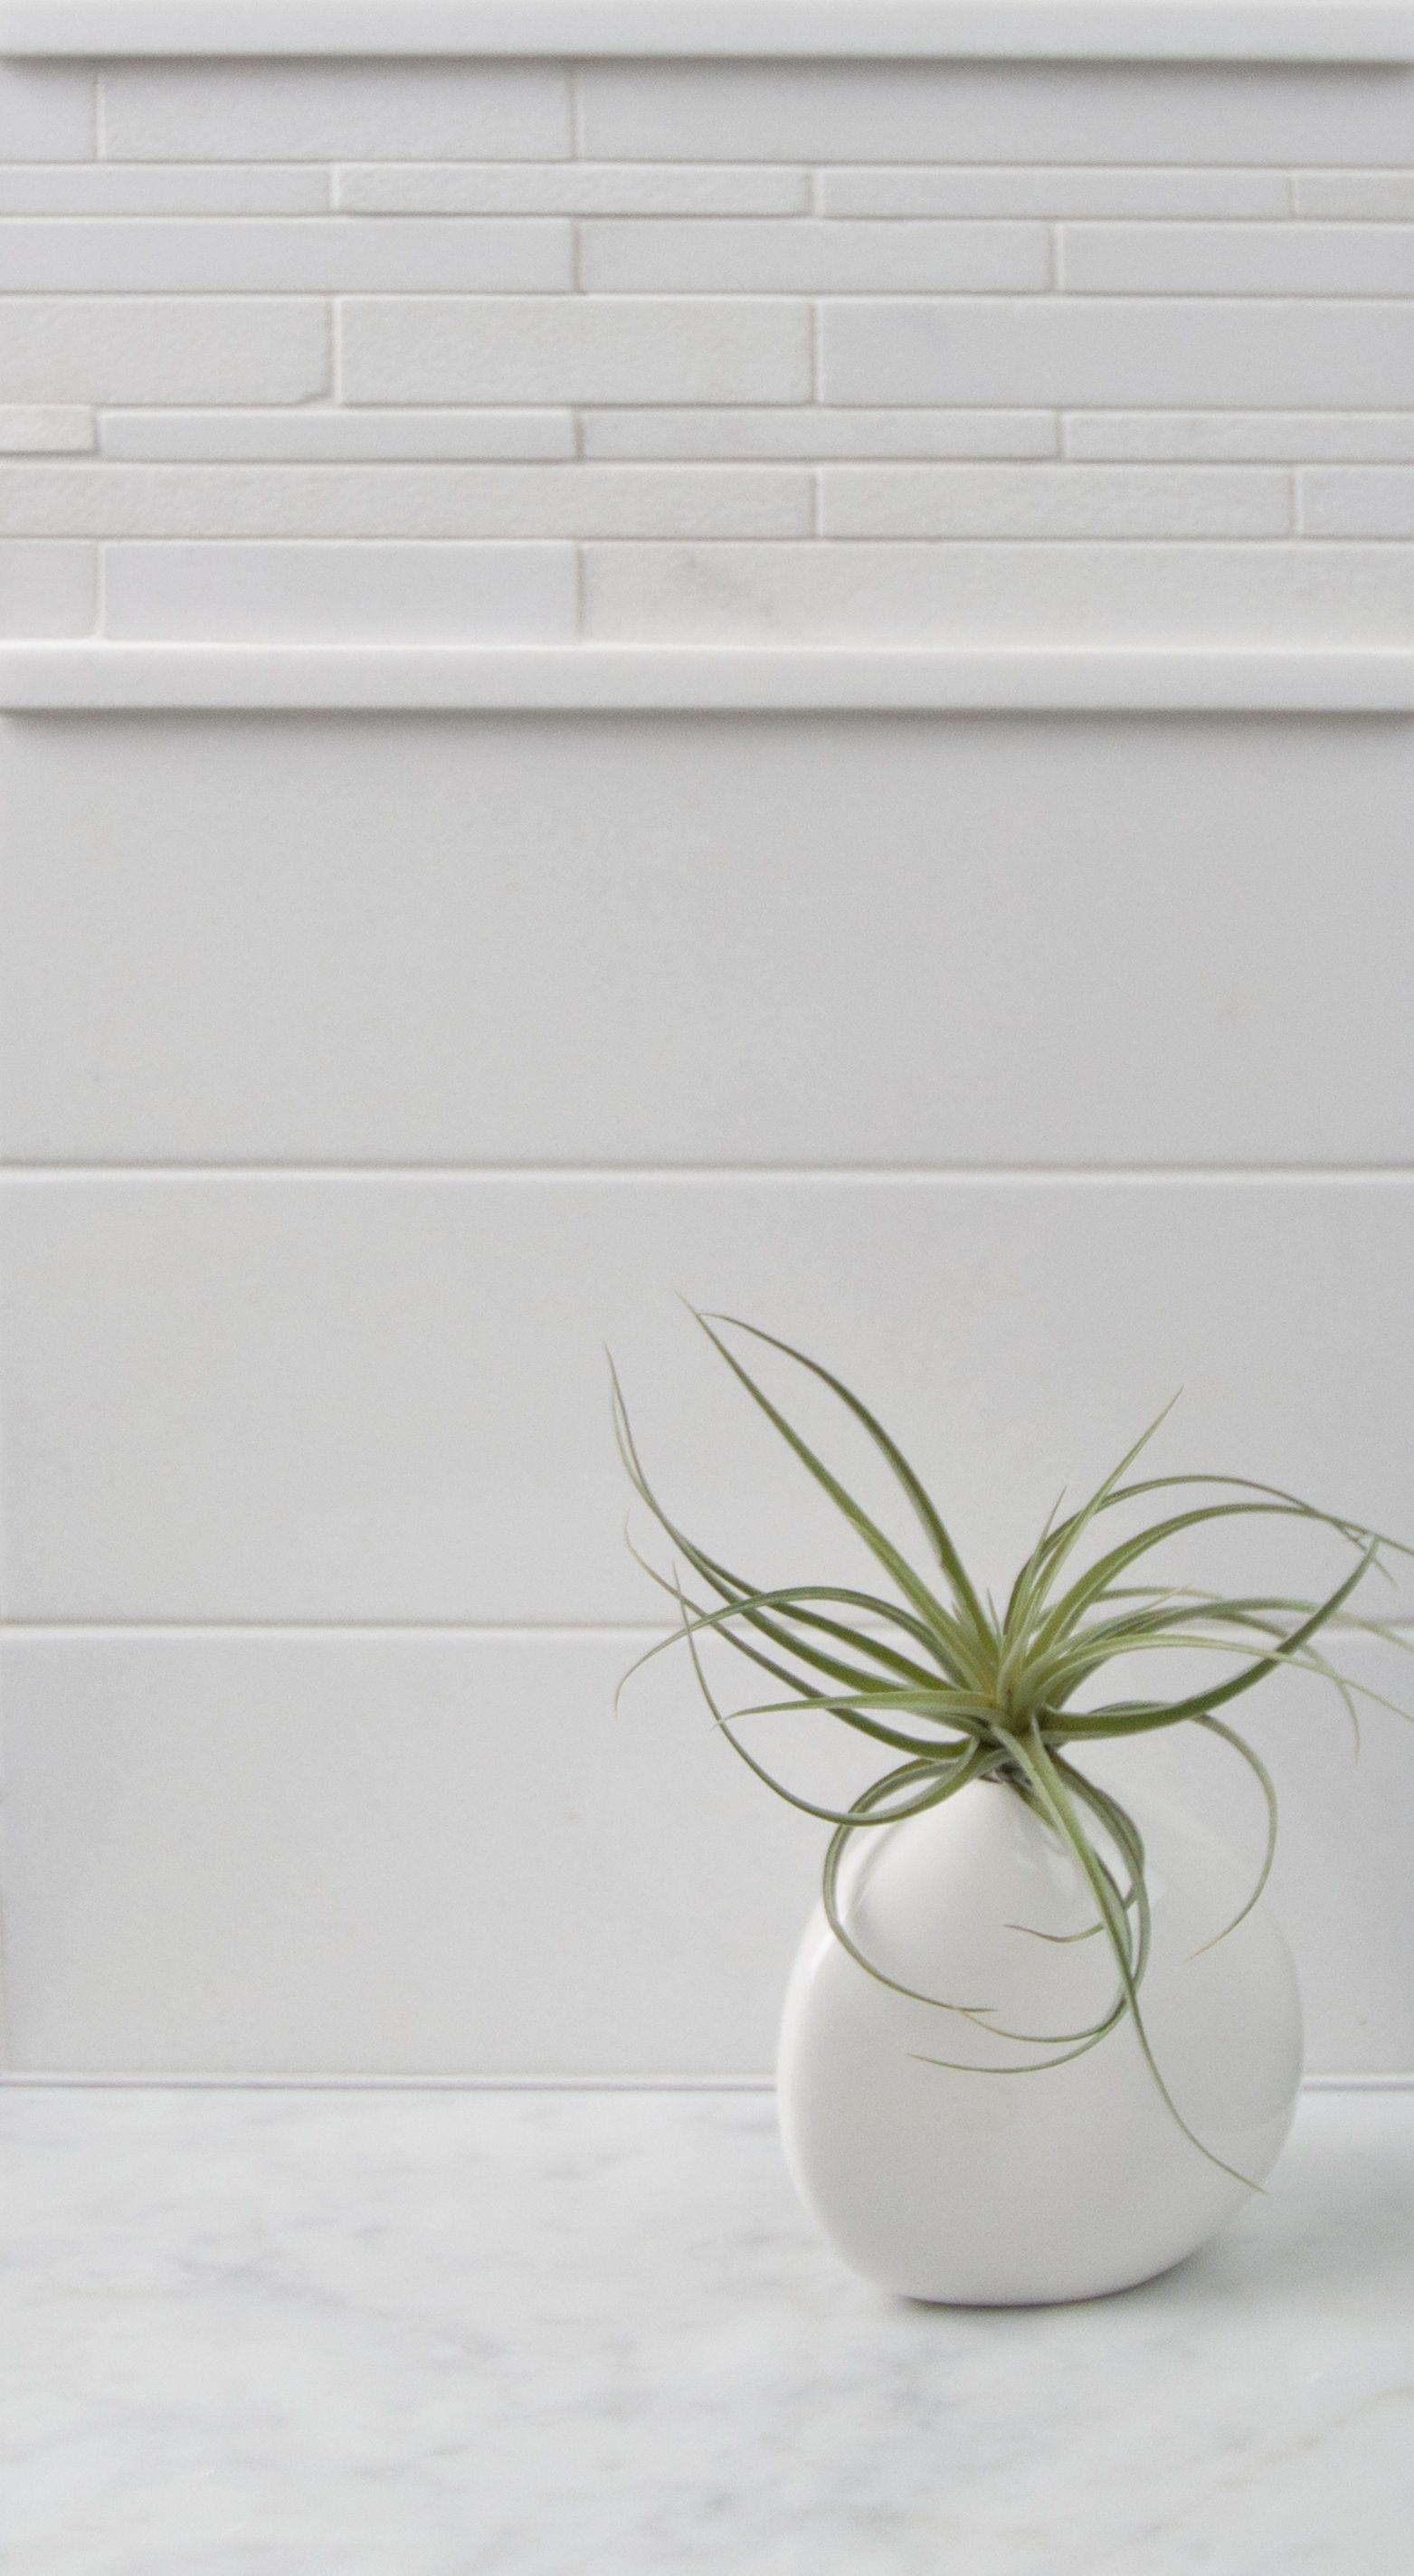 Thassos modern core akdo akdo kitchens pinterest modern tile ceilings dailygadgetfo Gallery